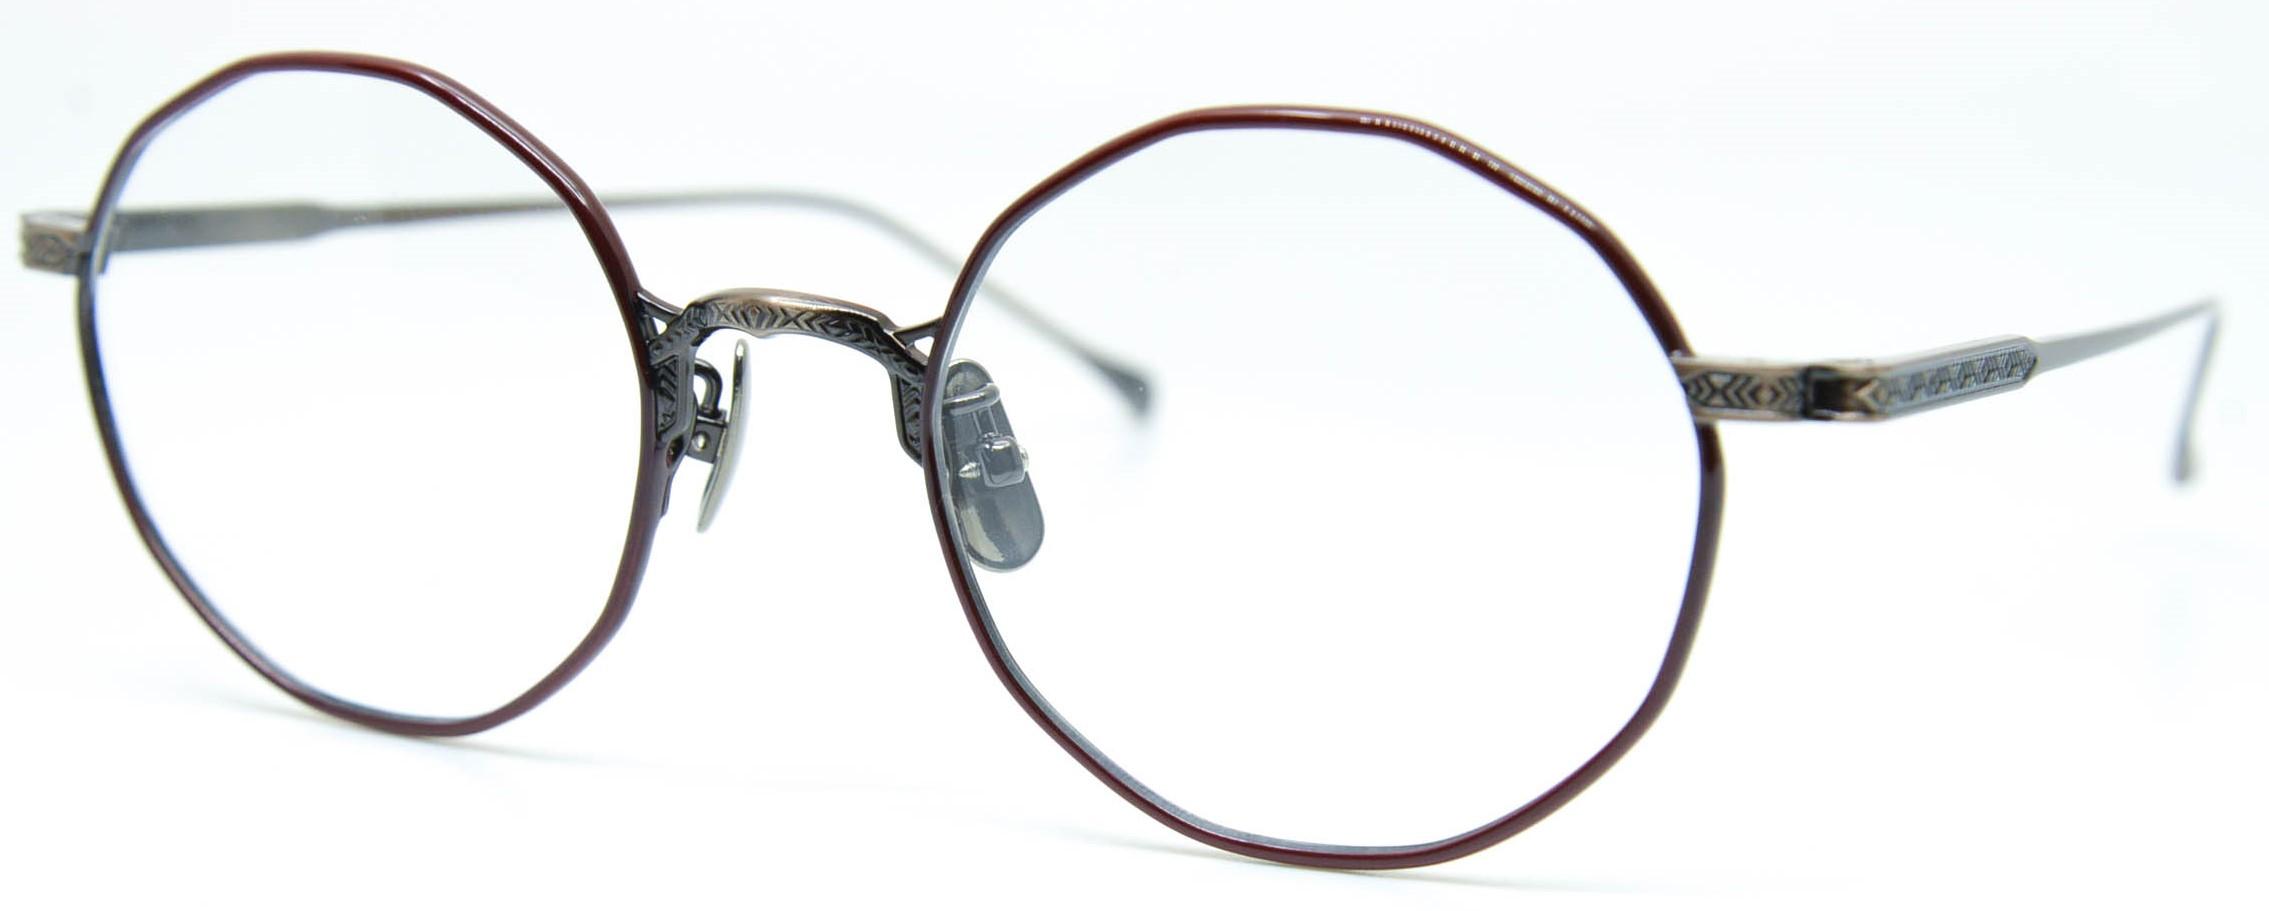 眼鏡のカラータイプC-4 Wine/At-Brown